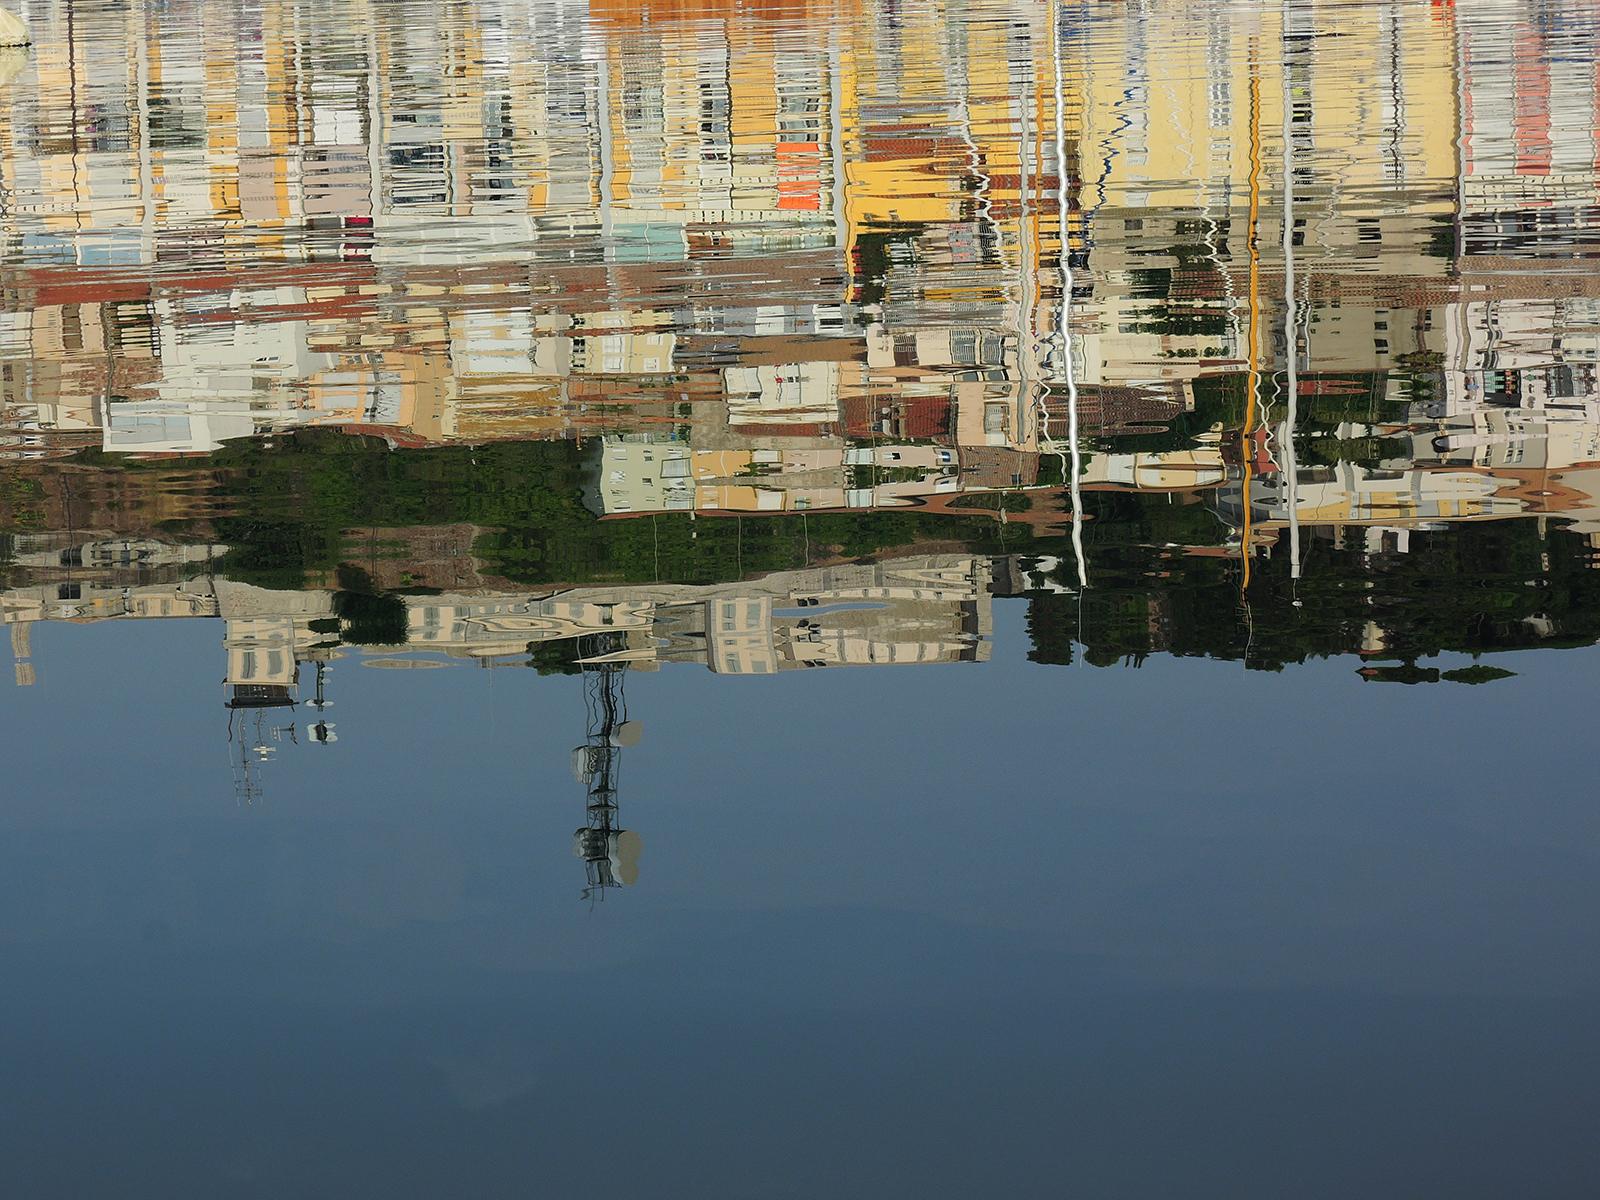 Port-de-Sete-reflections-dans-l'eau